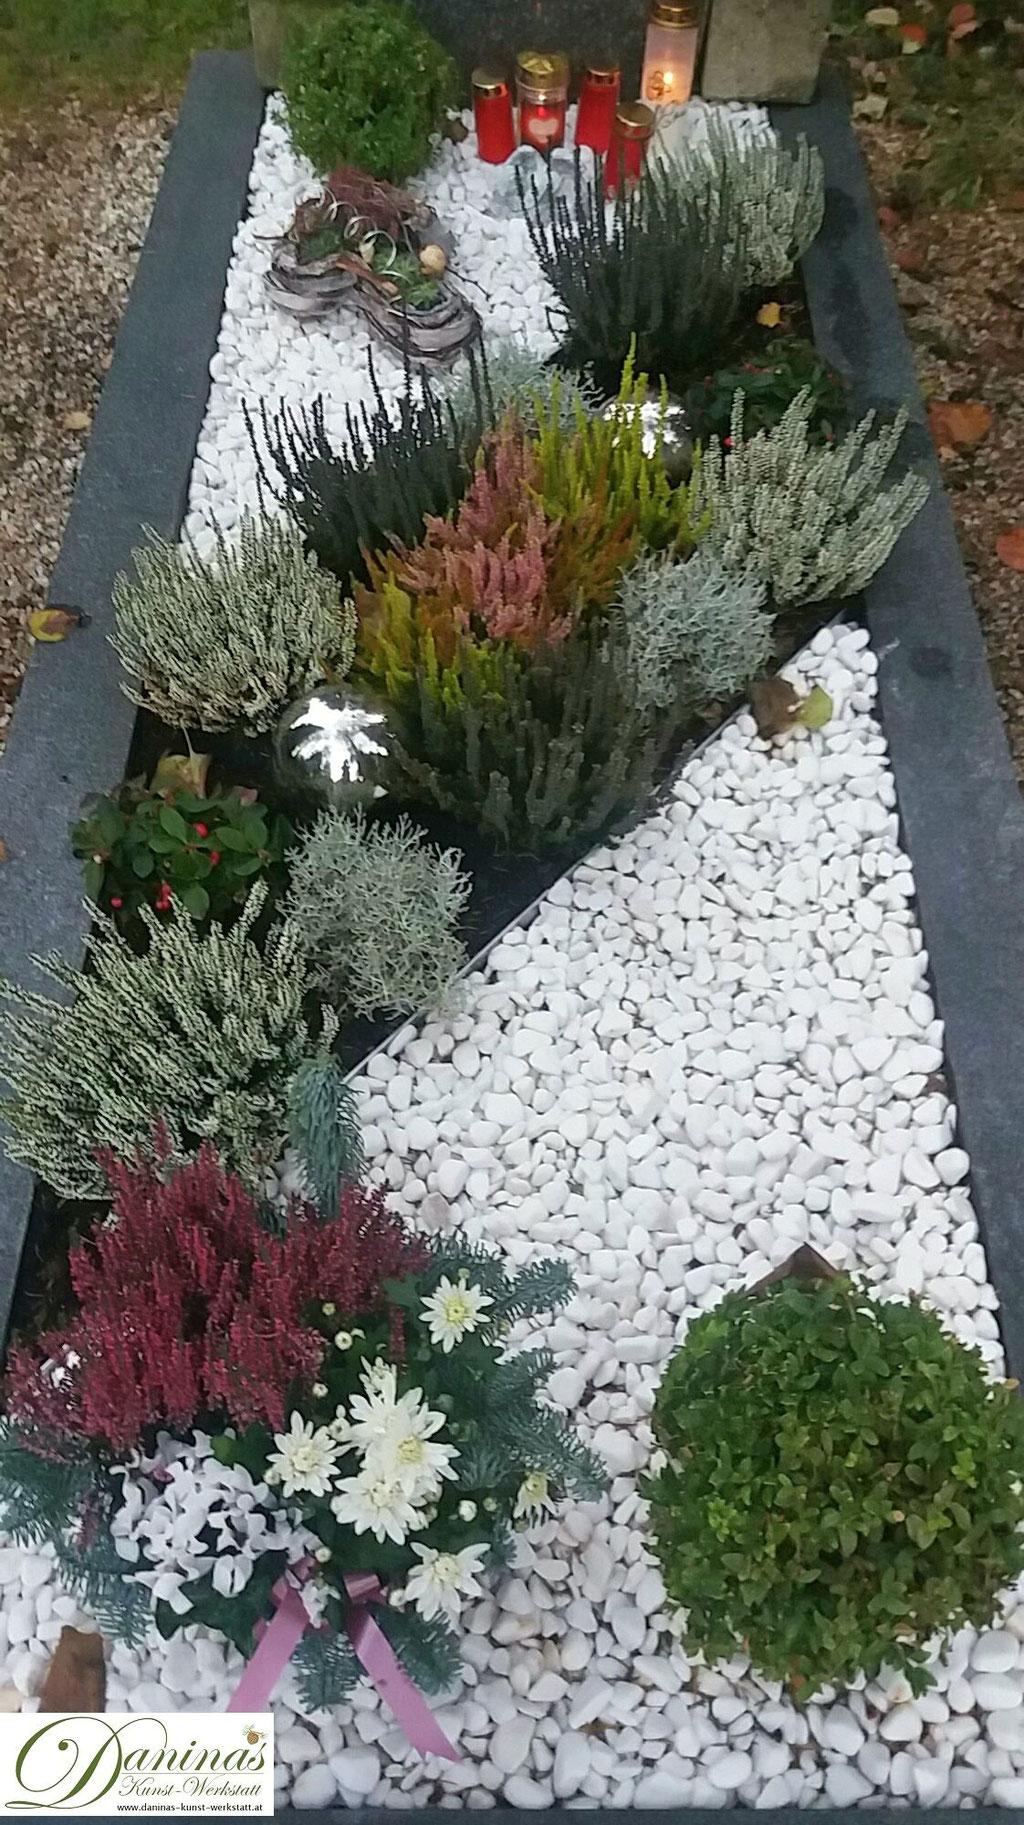 Grabgestaltung Herbst mit Kies. Beispiele und Ideen zum Selbermachen.